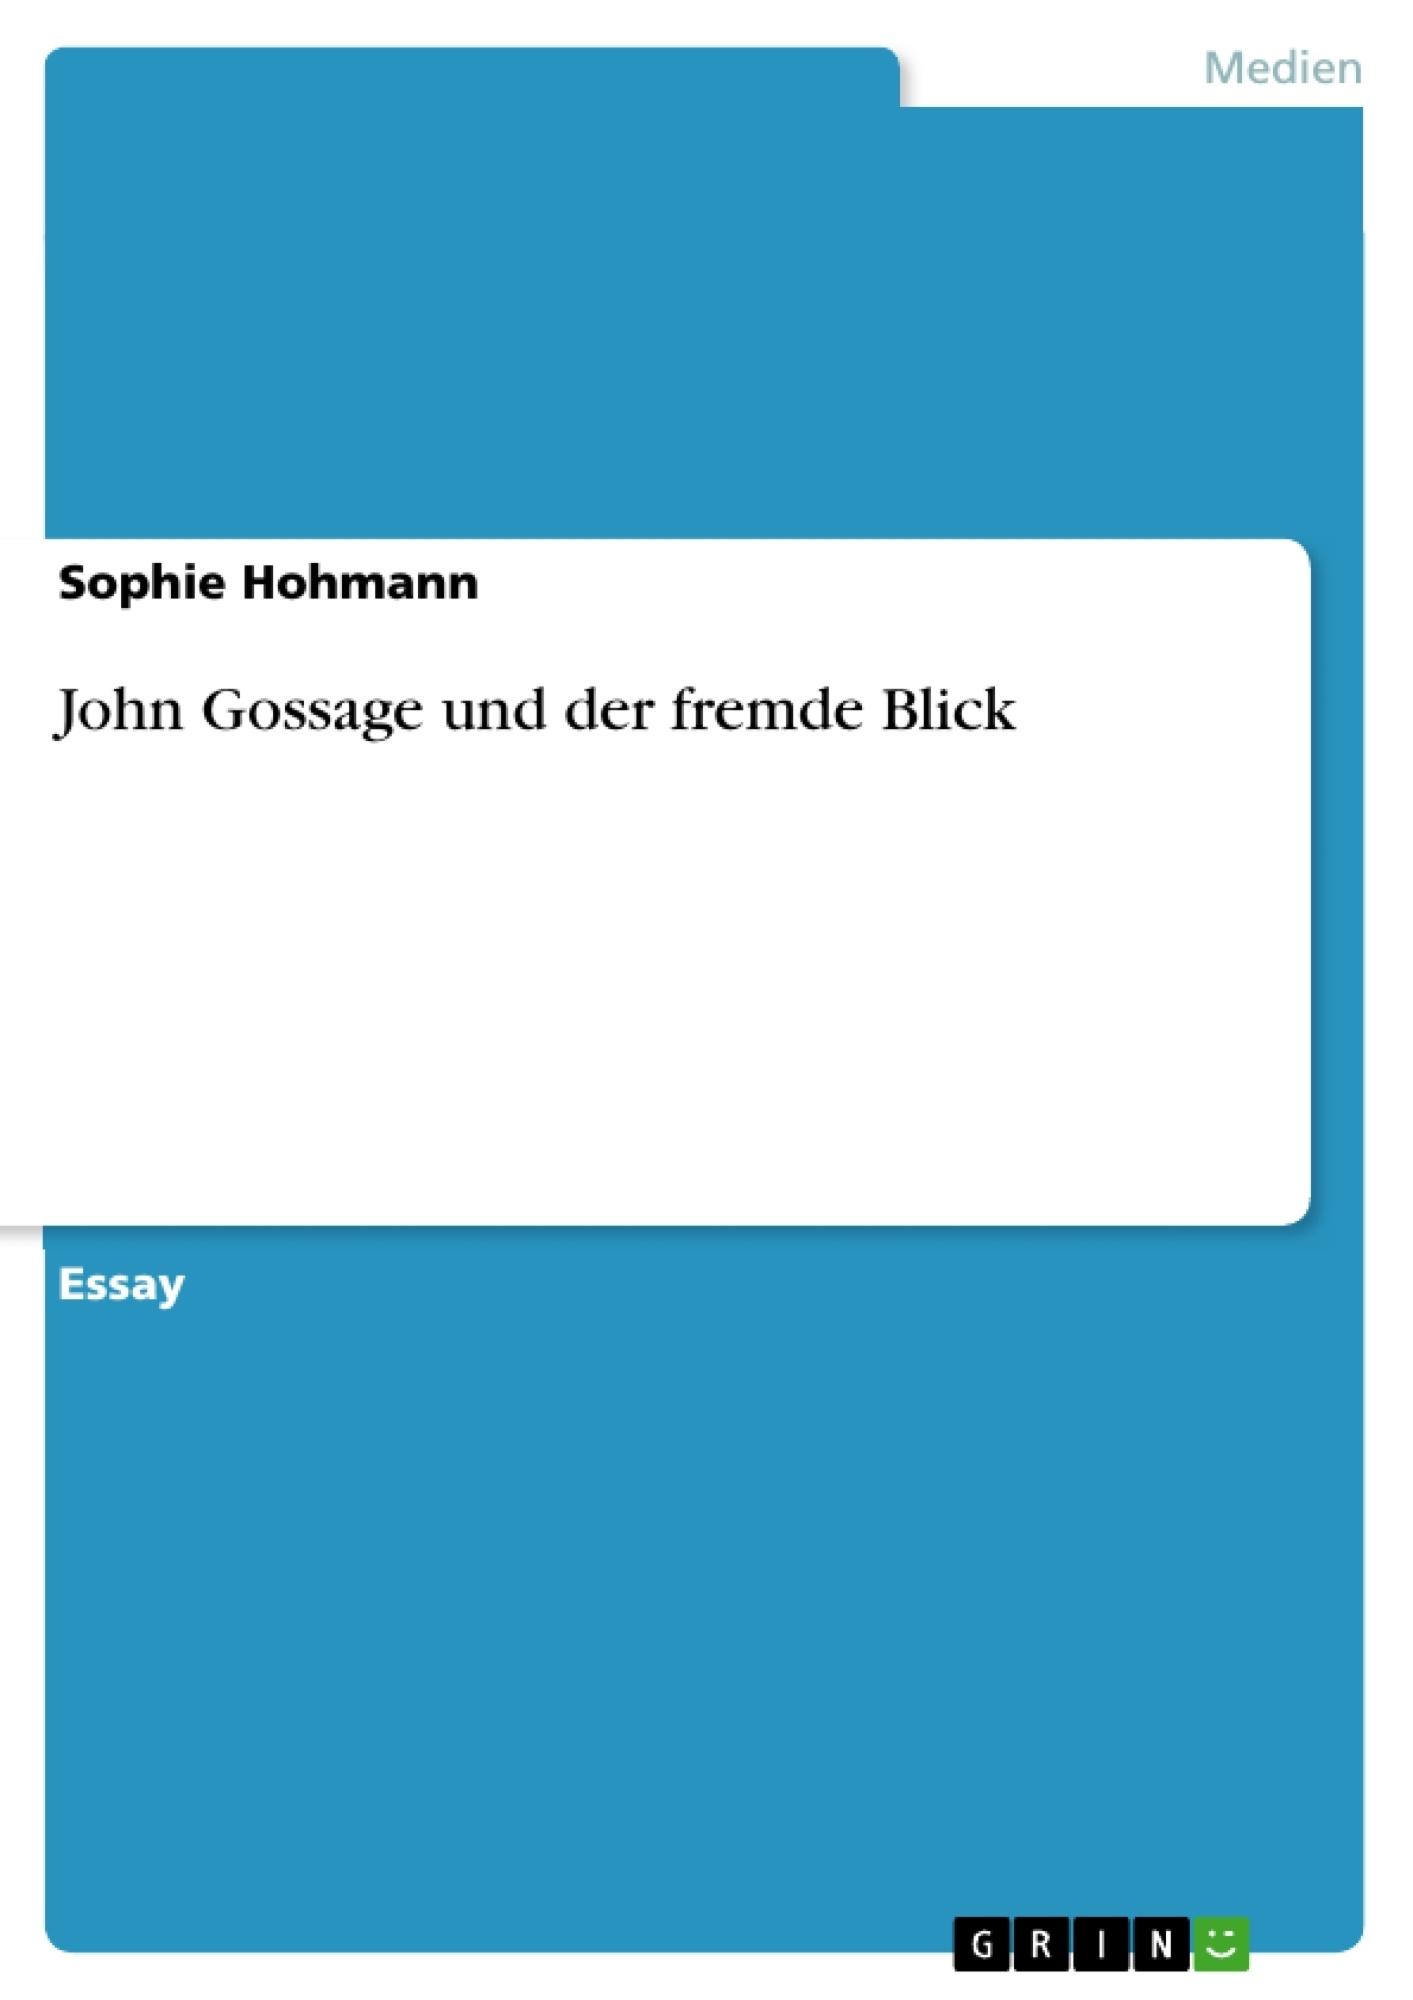 Titel: John Gossage und der fremde Blick